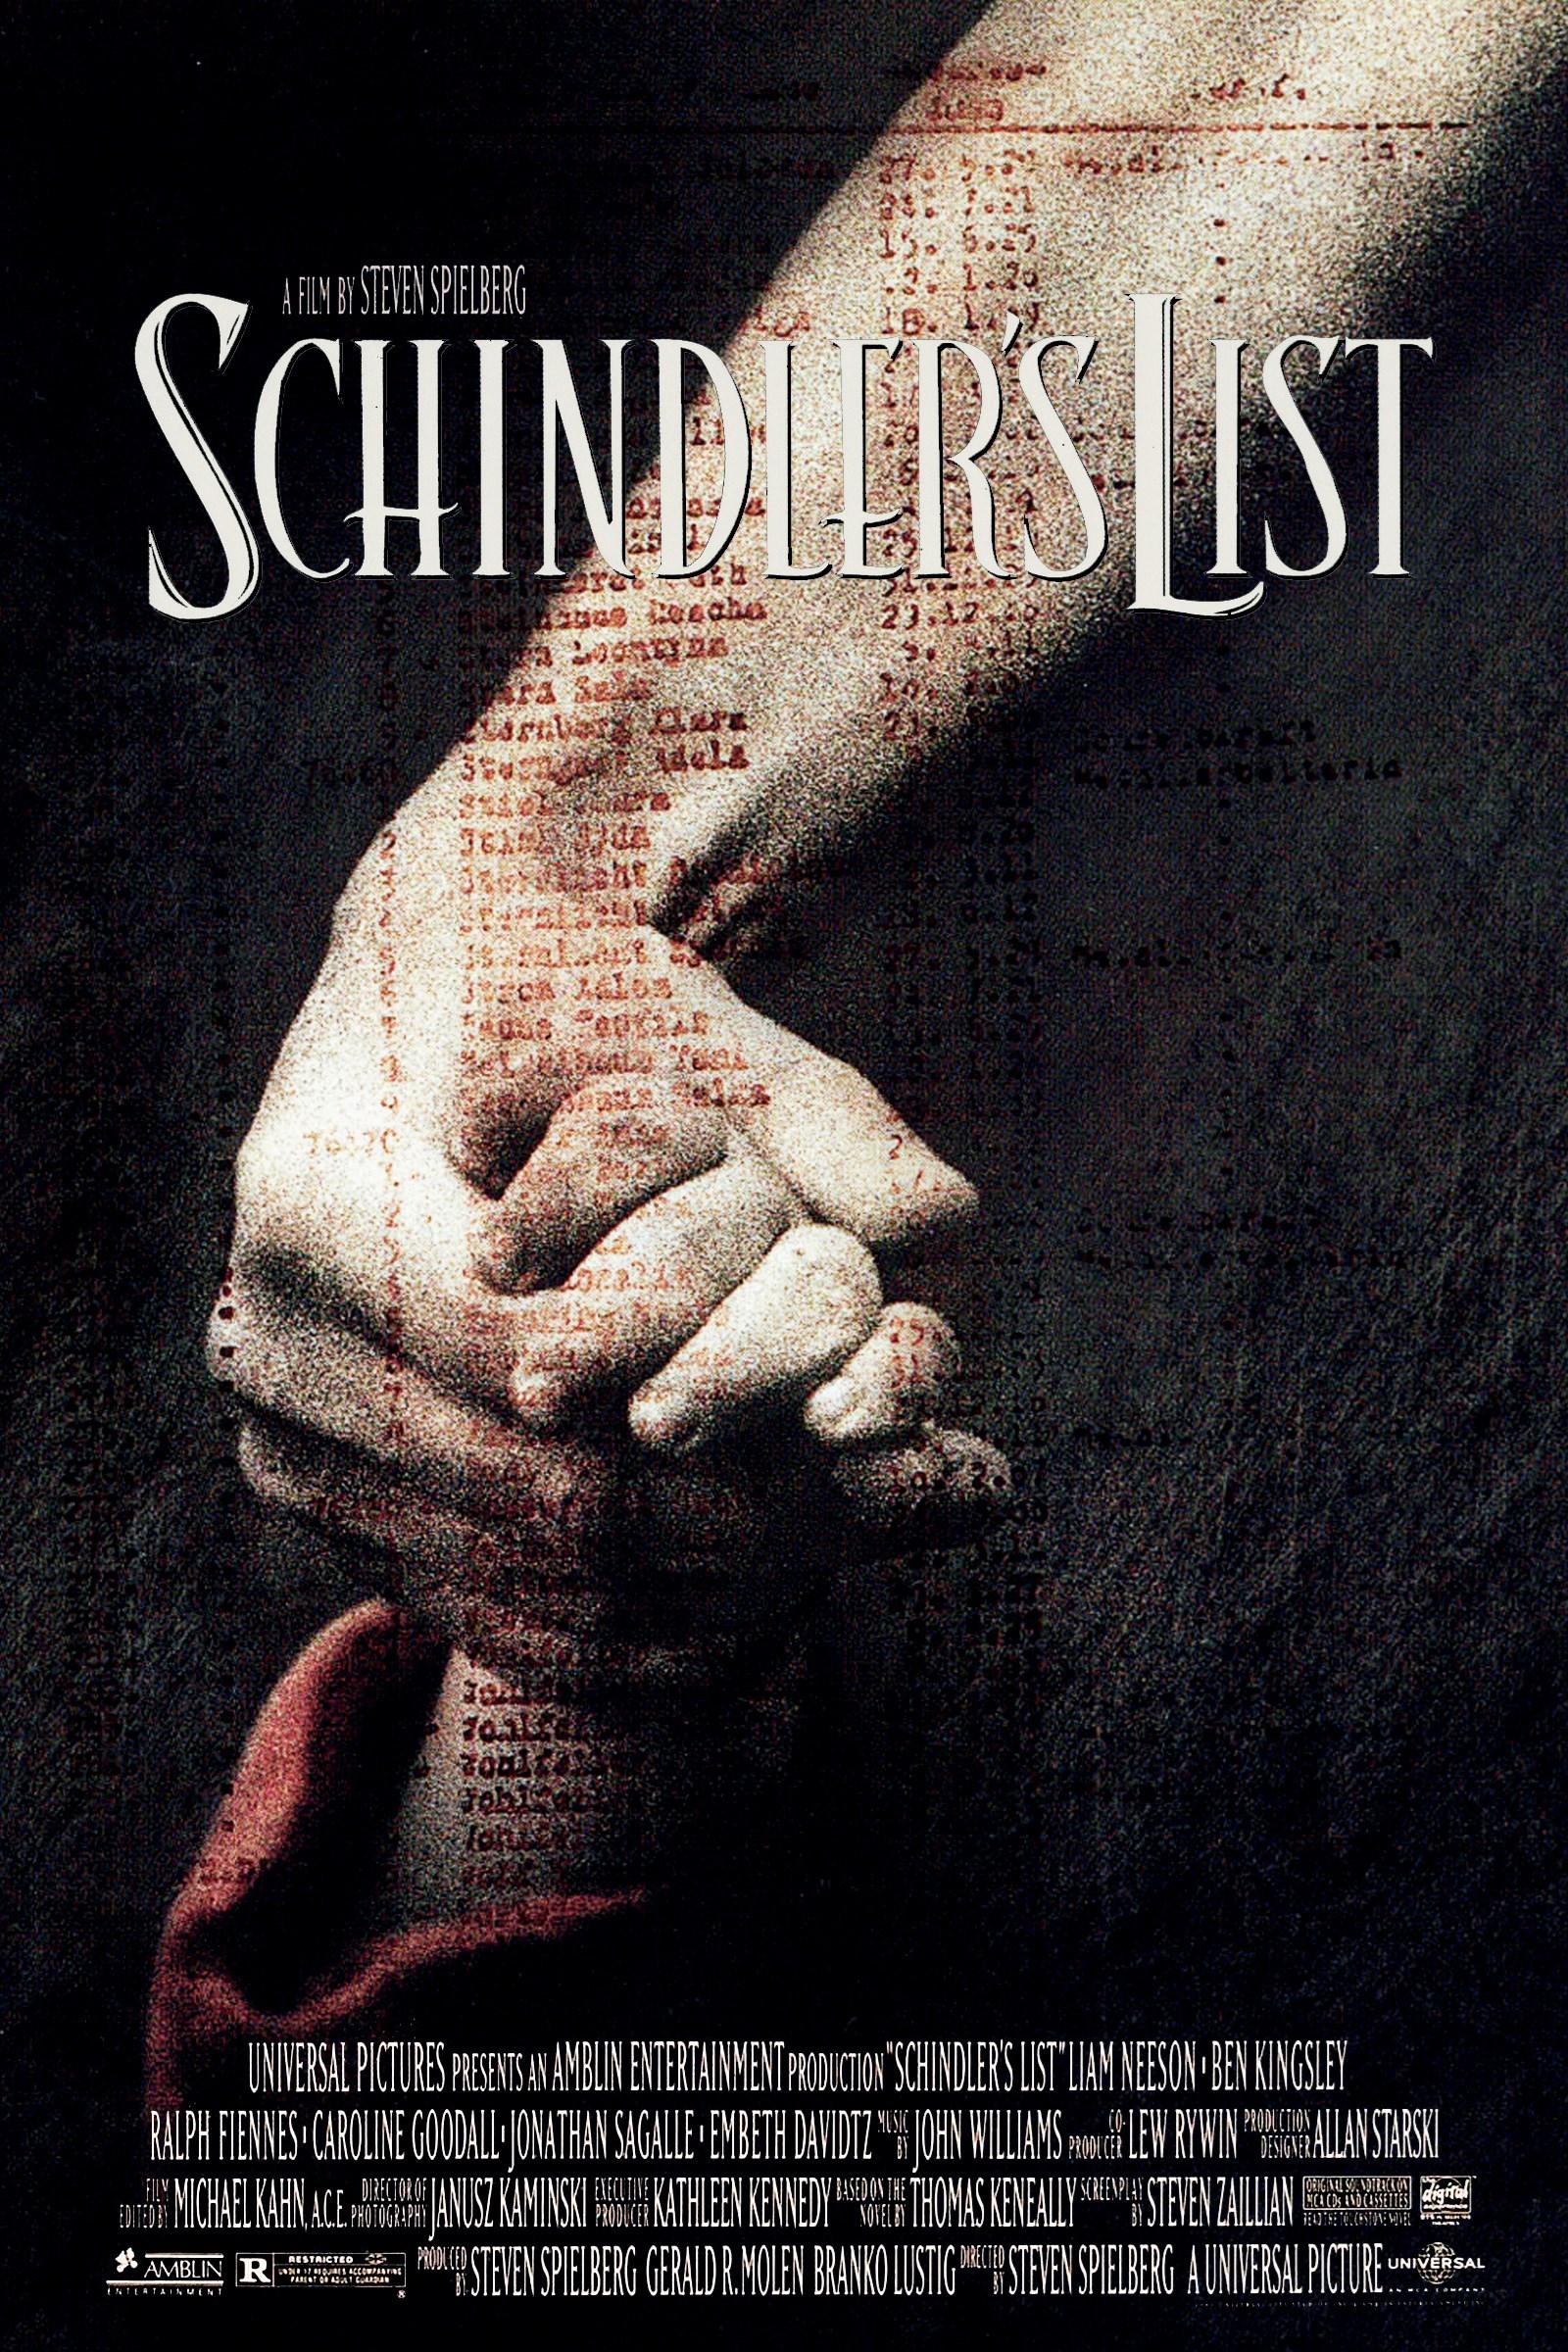 #2 A Lista de Schindler (1993)